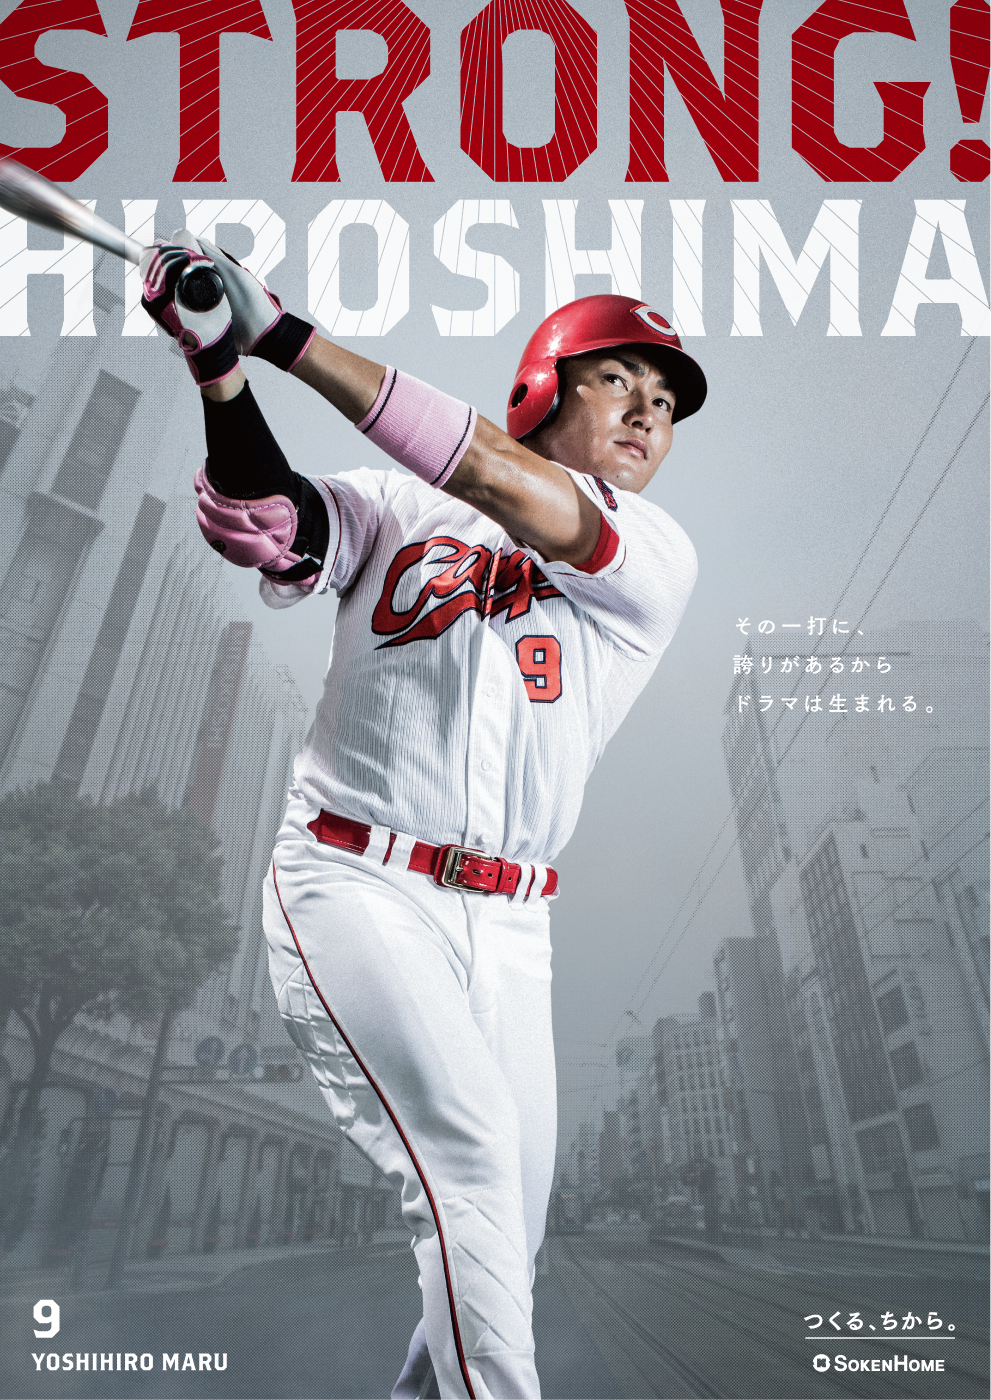 カープ「STRONG HIROSHIMA」丸 A2ポスター